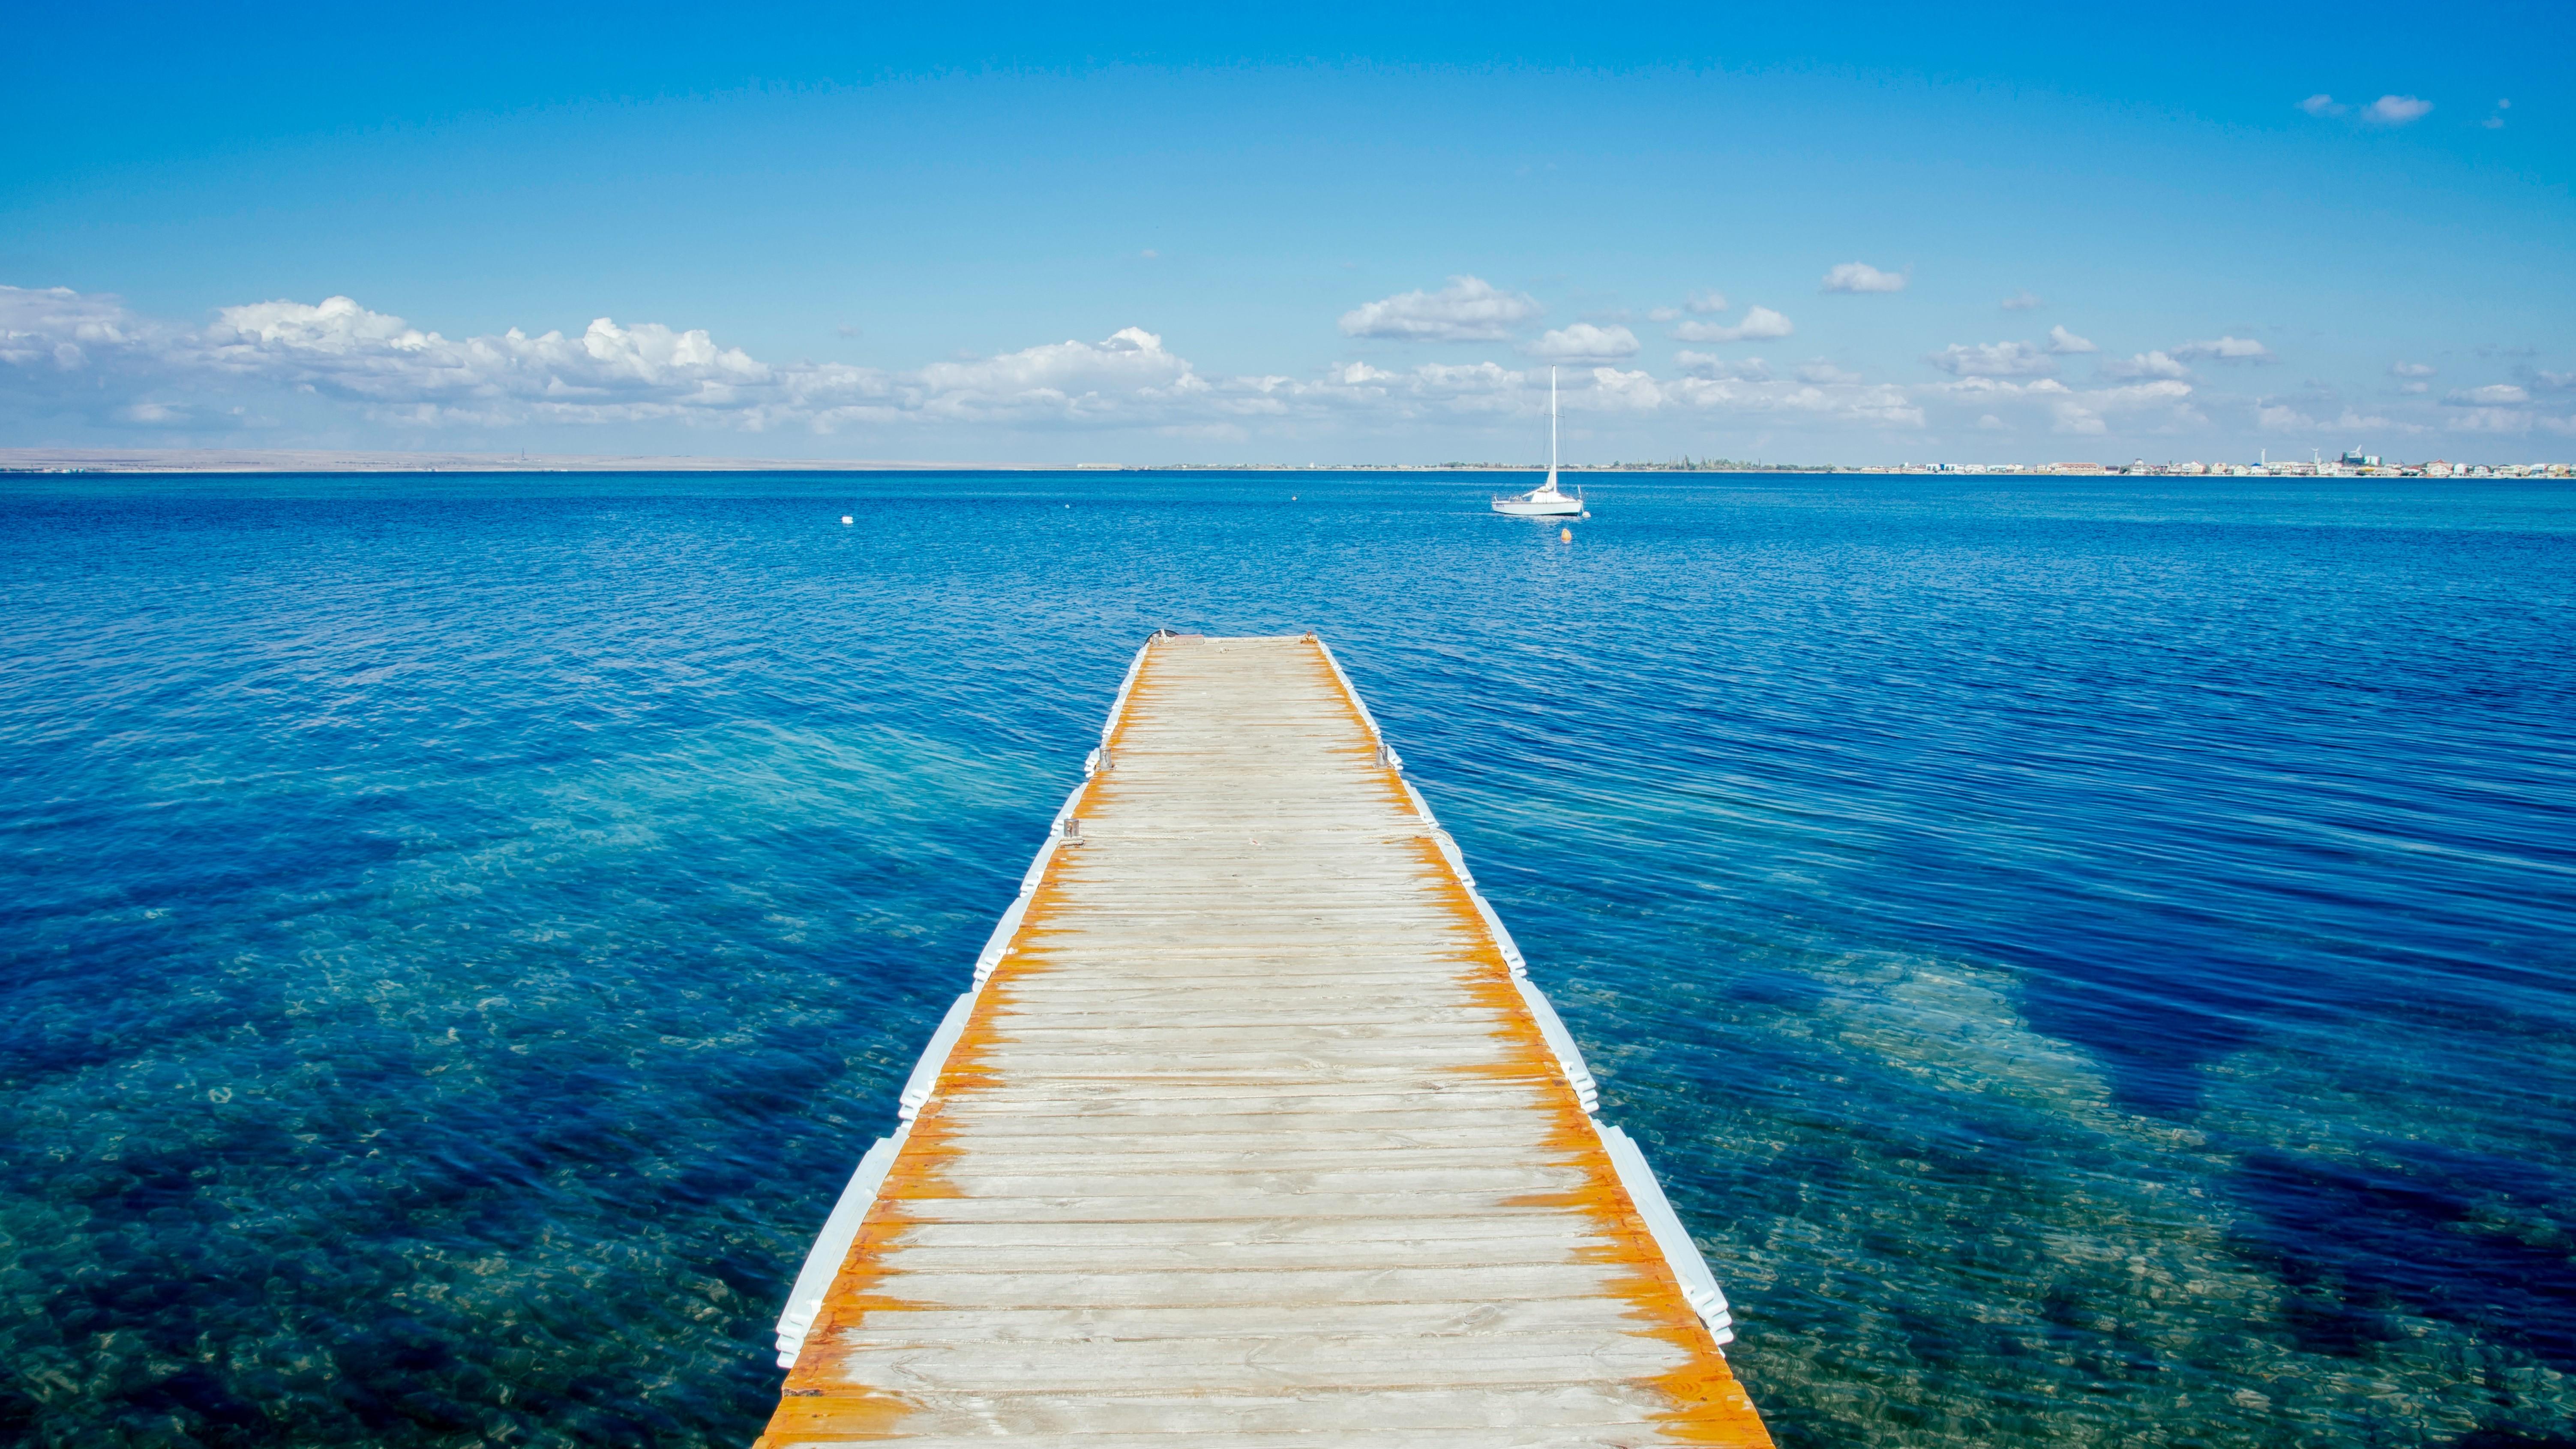 крым черное море, морская соль в воздухе, отдых в крыму у моря, отдых на море